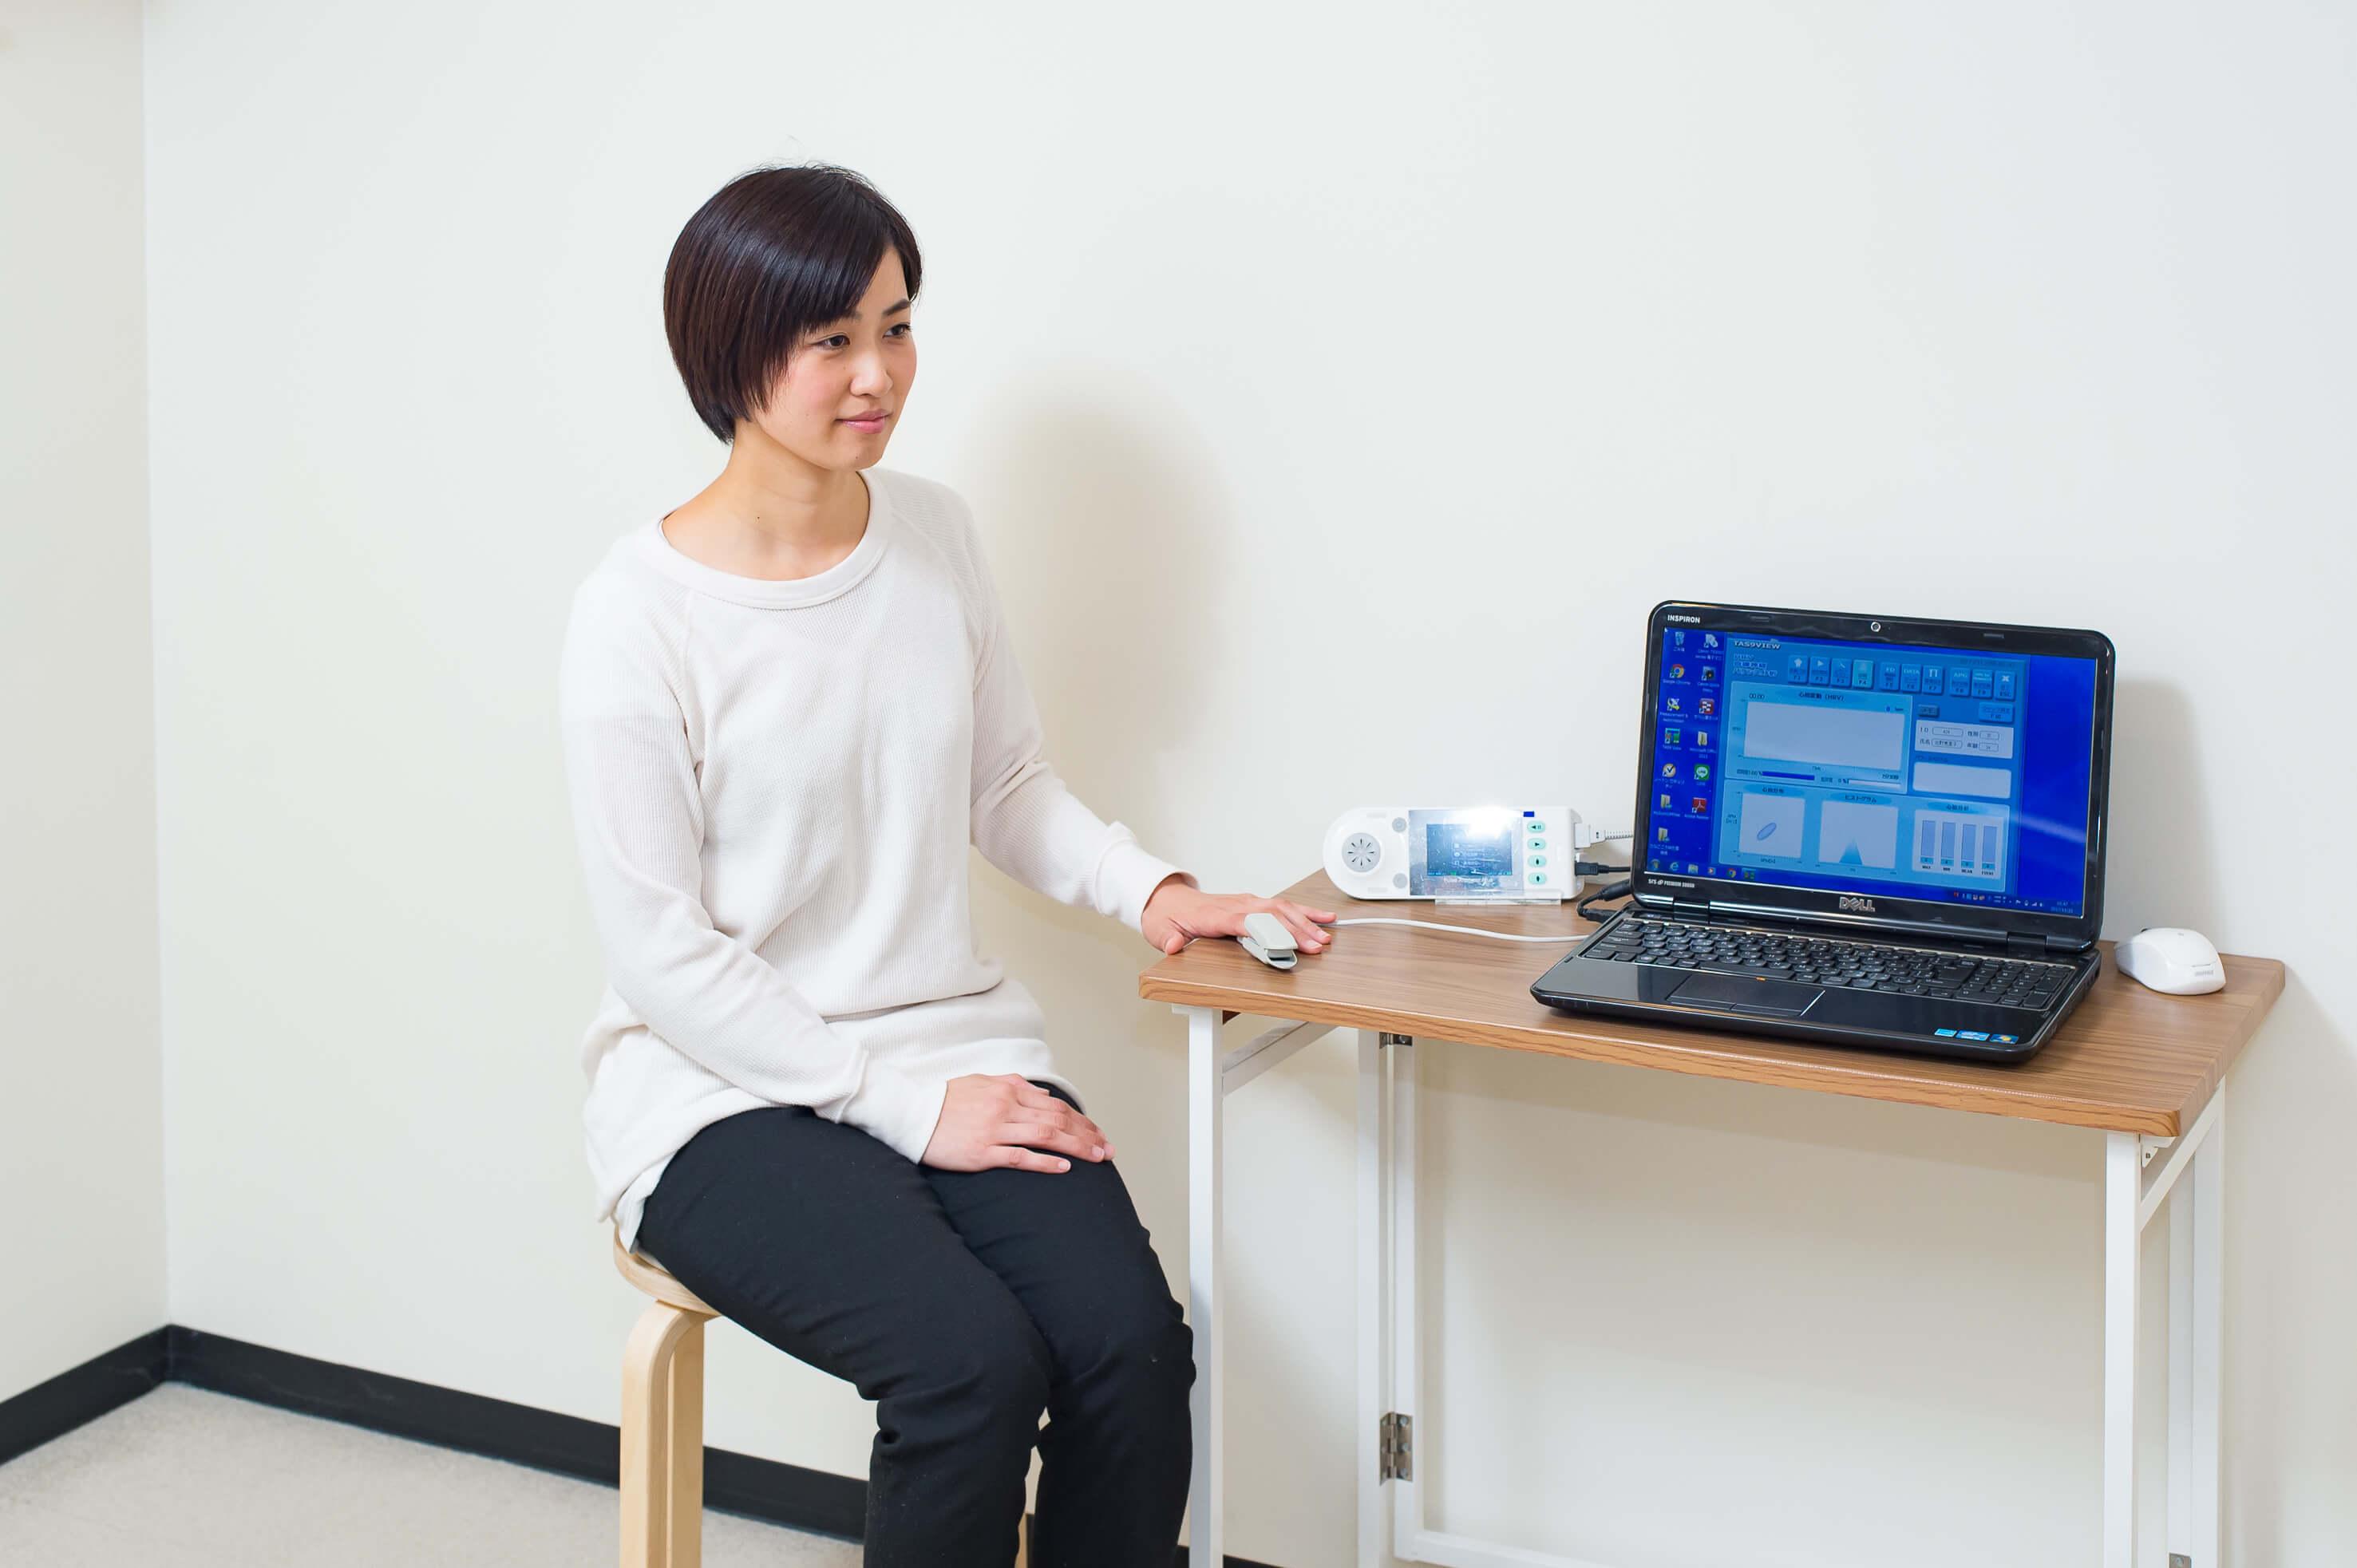 東大阪市 たなごころ鍼灸整骨院自律神経バランス分析機「TAS9 VIEW」